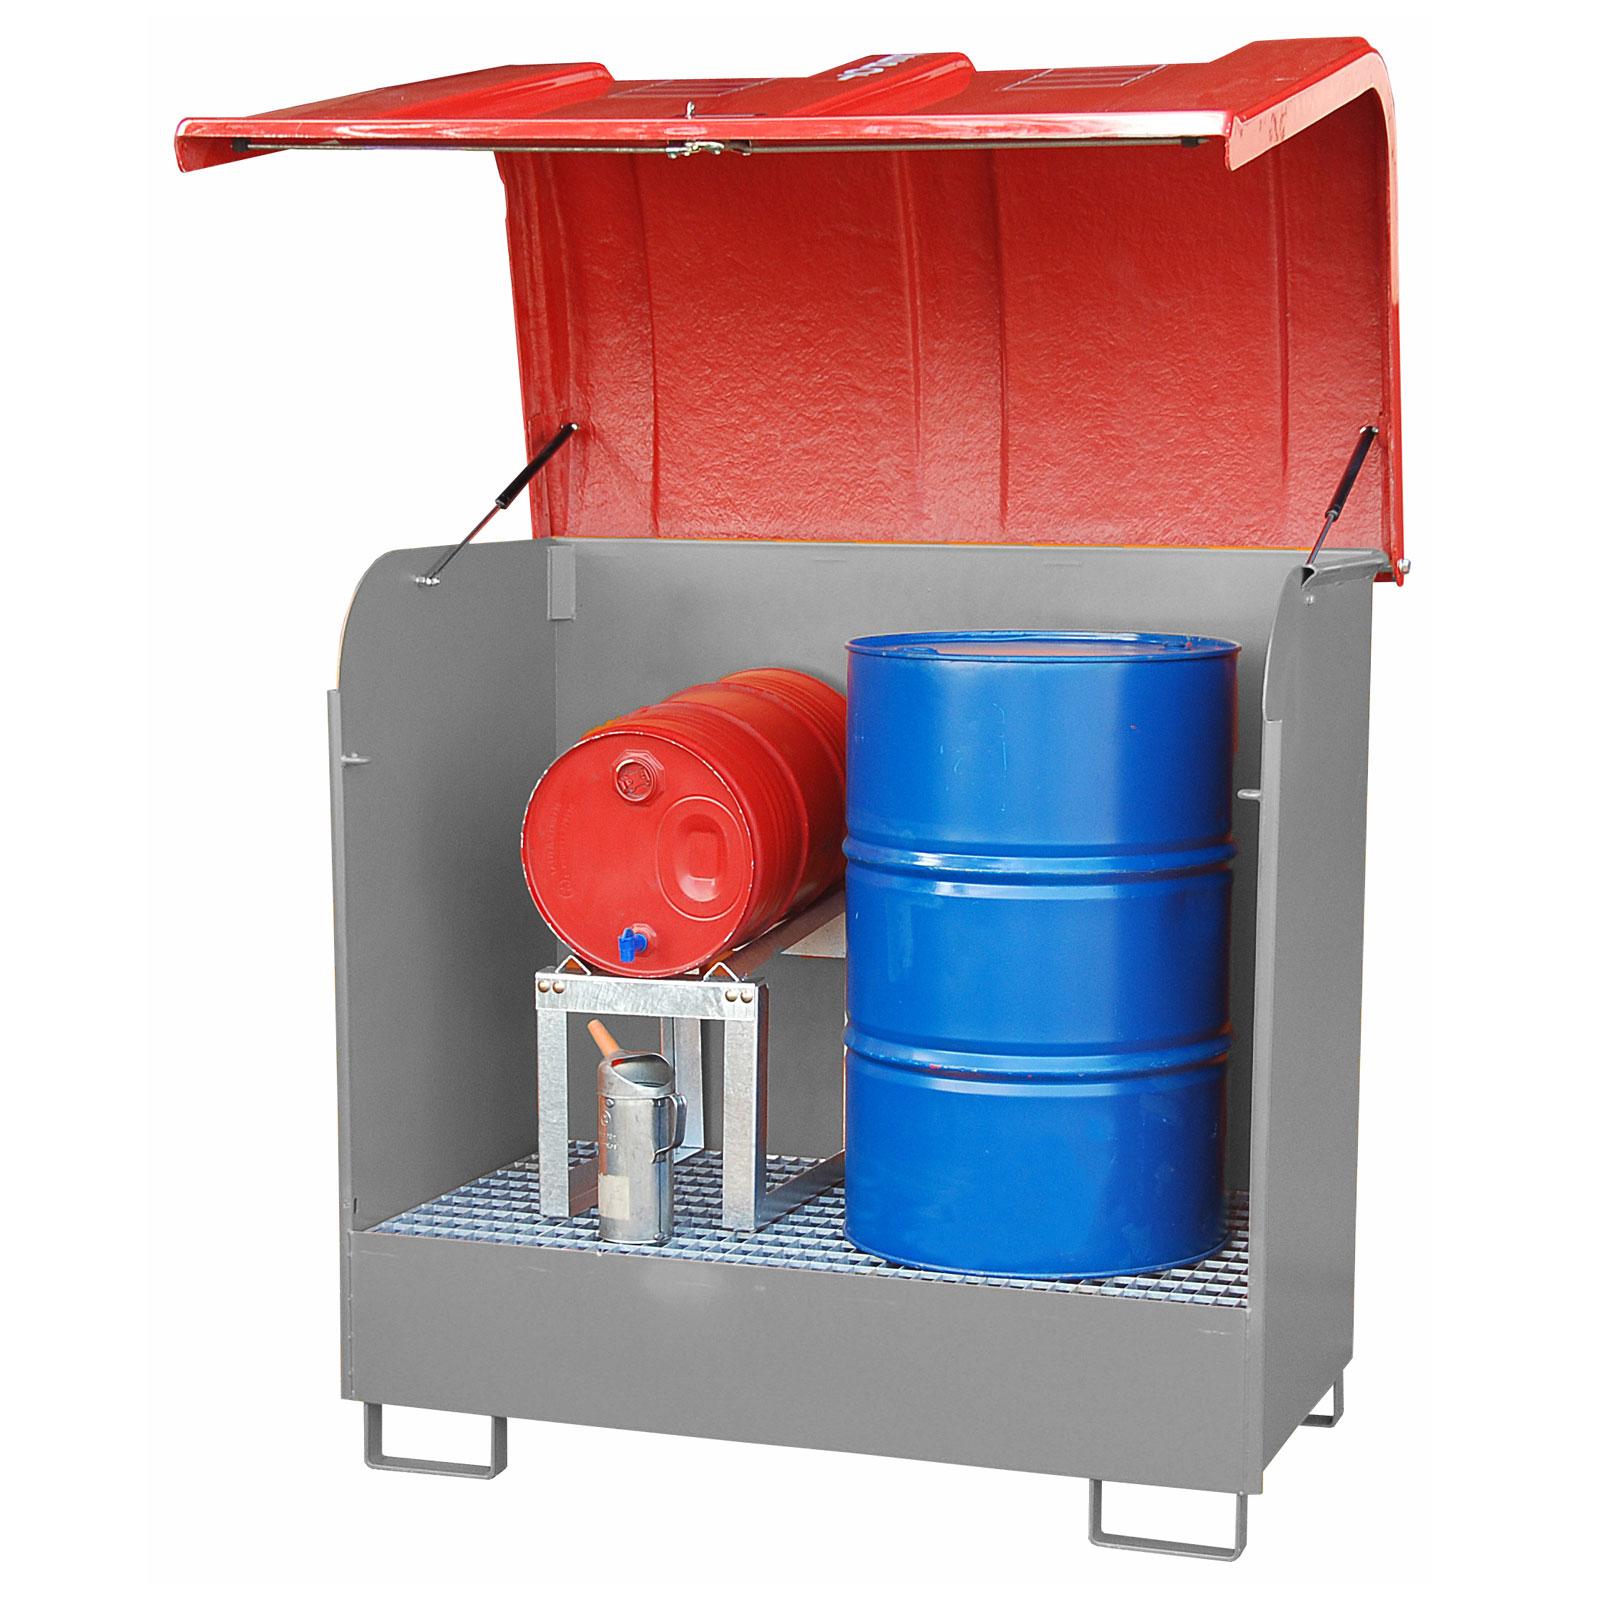 Bauer Gefahrstoff-Depot GD-B für Außenbereich mit Spritzschutzwand und GFK-Haube, Mausgrau 4416-02-0000-5